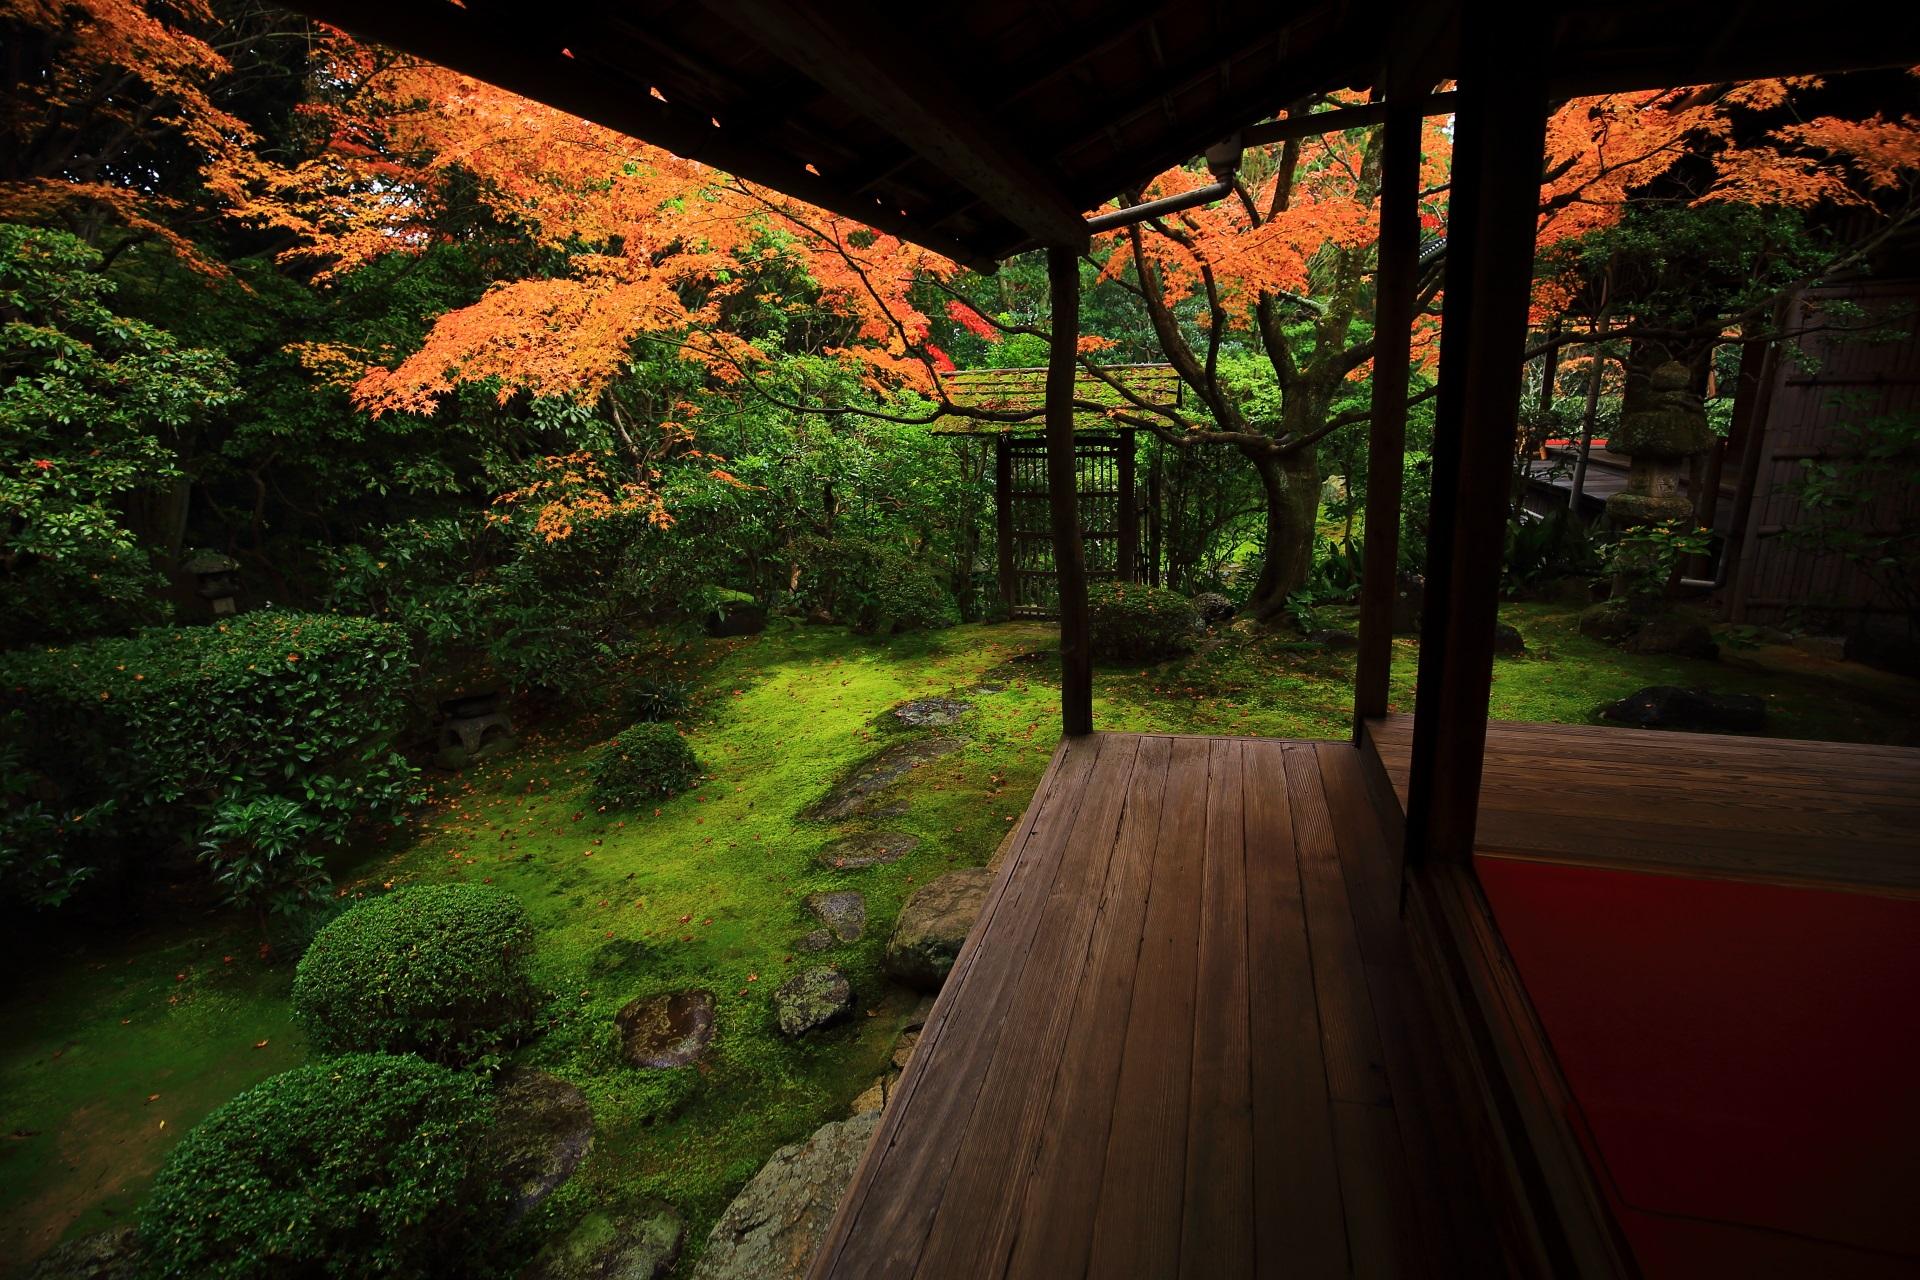 桂春院の美しい苔や緑を華やぐ見ごろの紅葉